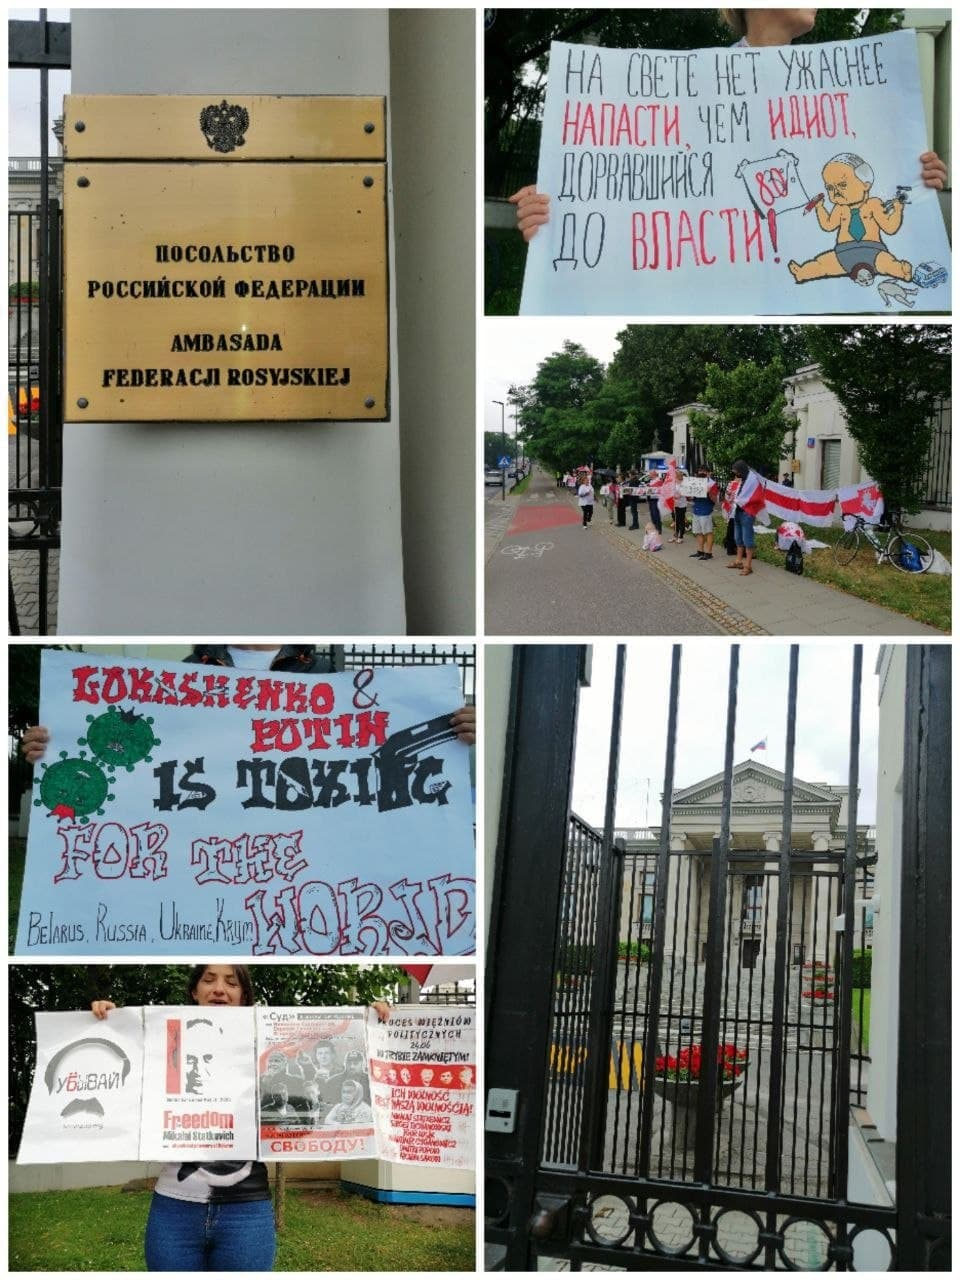 Белорусы Варшавы провели пикет возле посольства РФ1